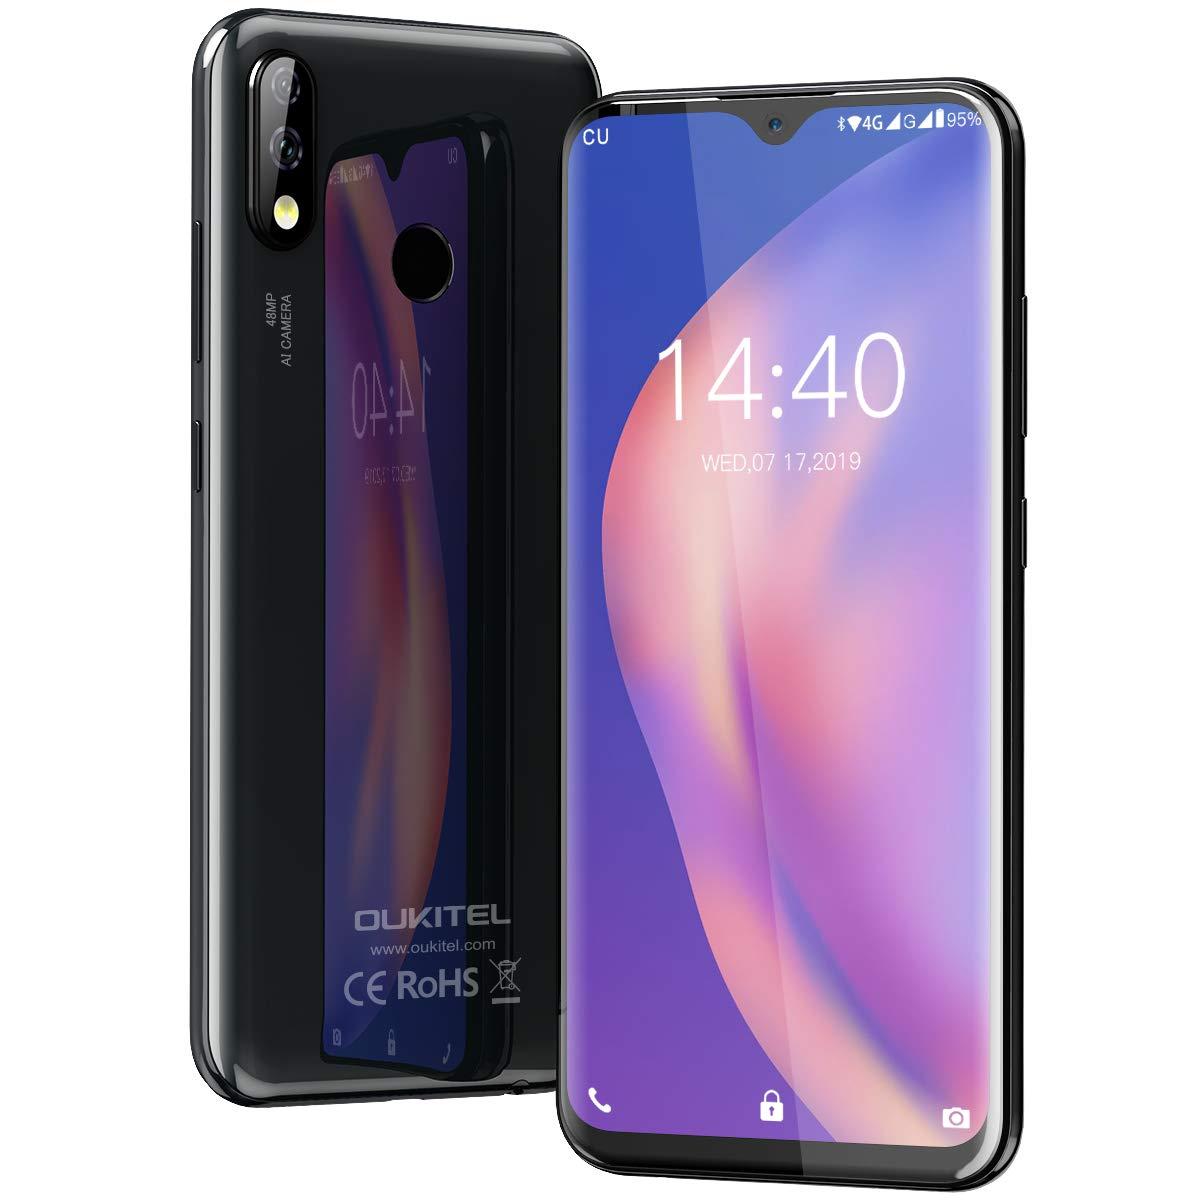 Moviles Libres, OUKITEL Y4800 Smartphone Libre, 6.3 FHD+ Pantalla, Helio P70 Octa-Core 6GB + 128GB Teléfono Moviles Libres, 4000mAh, Cámara 48MP+16MP+5MP, Android 9.0 4G Dual SIM Smartphone: Amazon.es: Electrónica